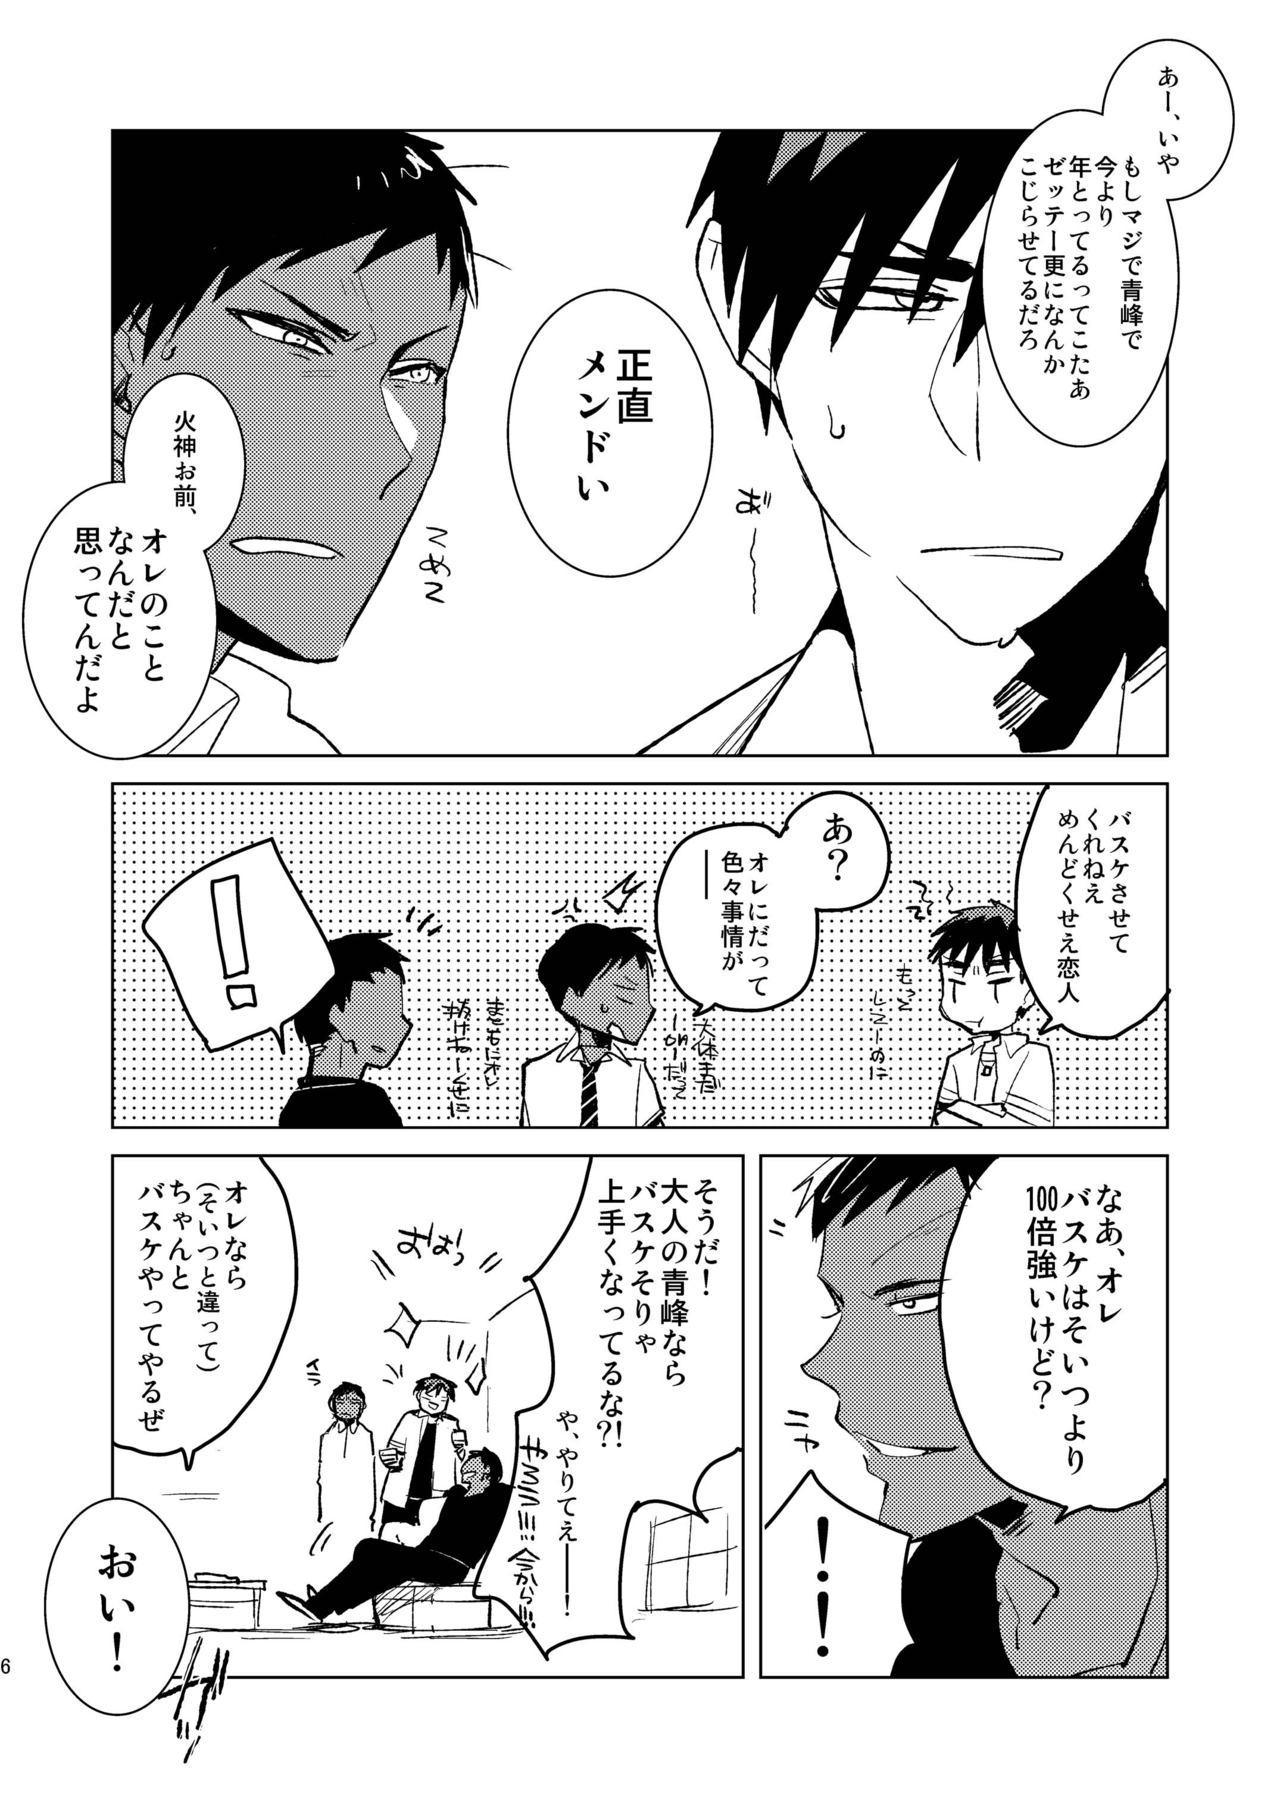 [archea (Sasagawa Nagaru)] Otona no Aomine-kun to (Seiteki ni) Asobou (Kuroko no Basuke) [Digital] 4